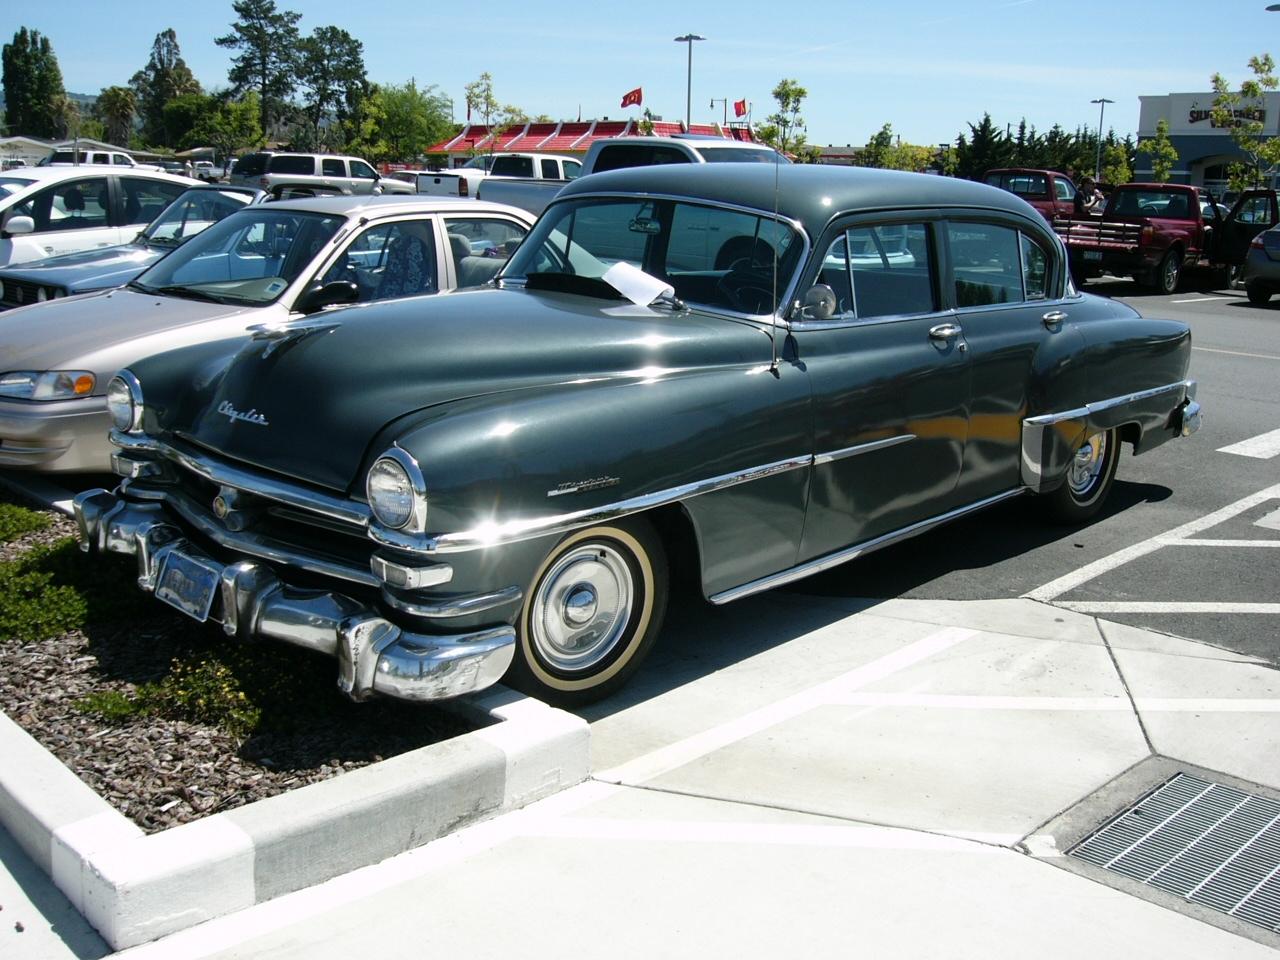 1953 Chrysler Windsor 1 By Roadtripdog On Deviantart